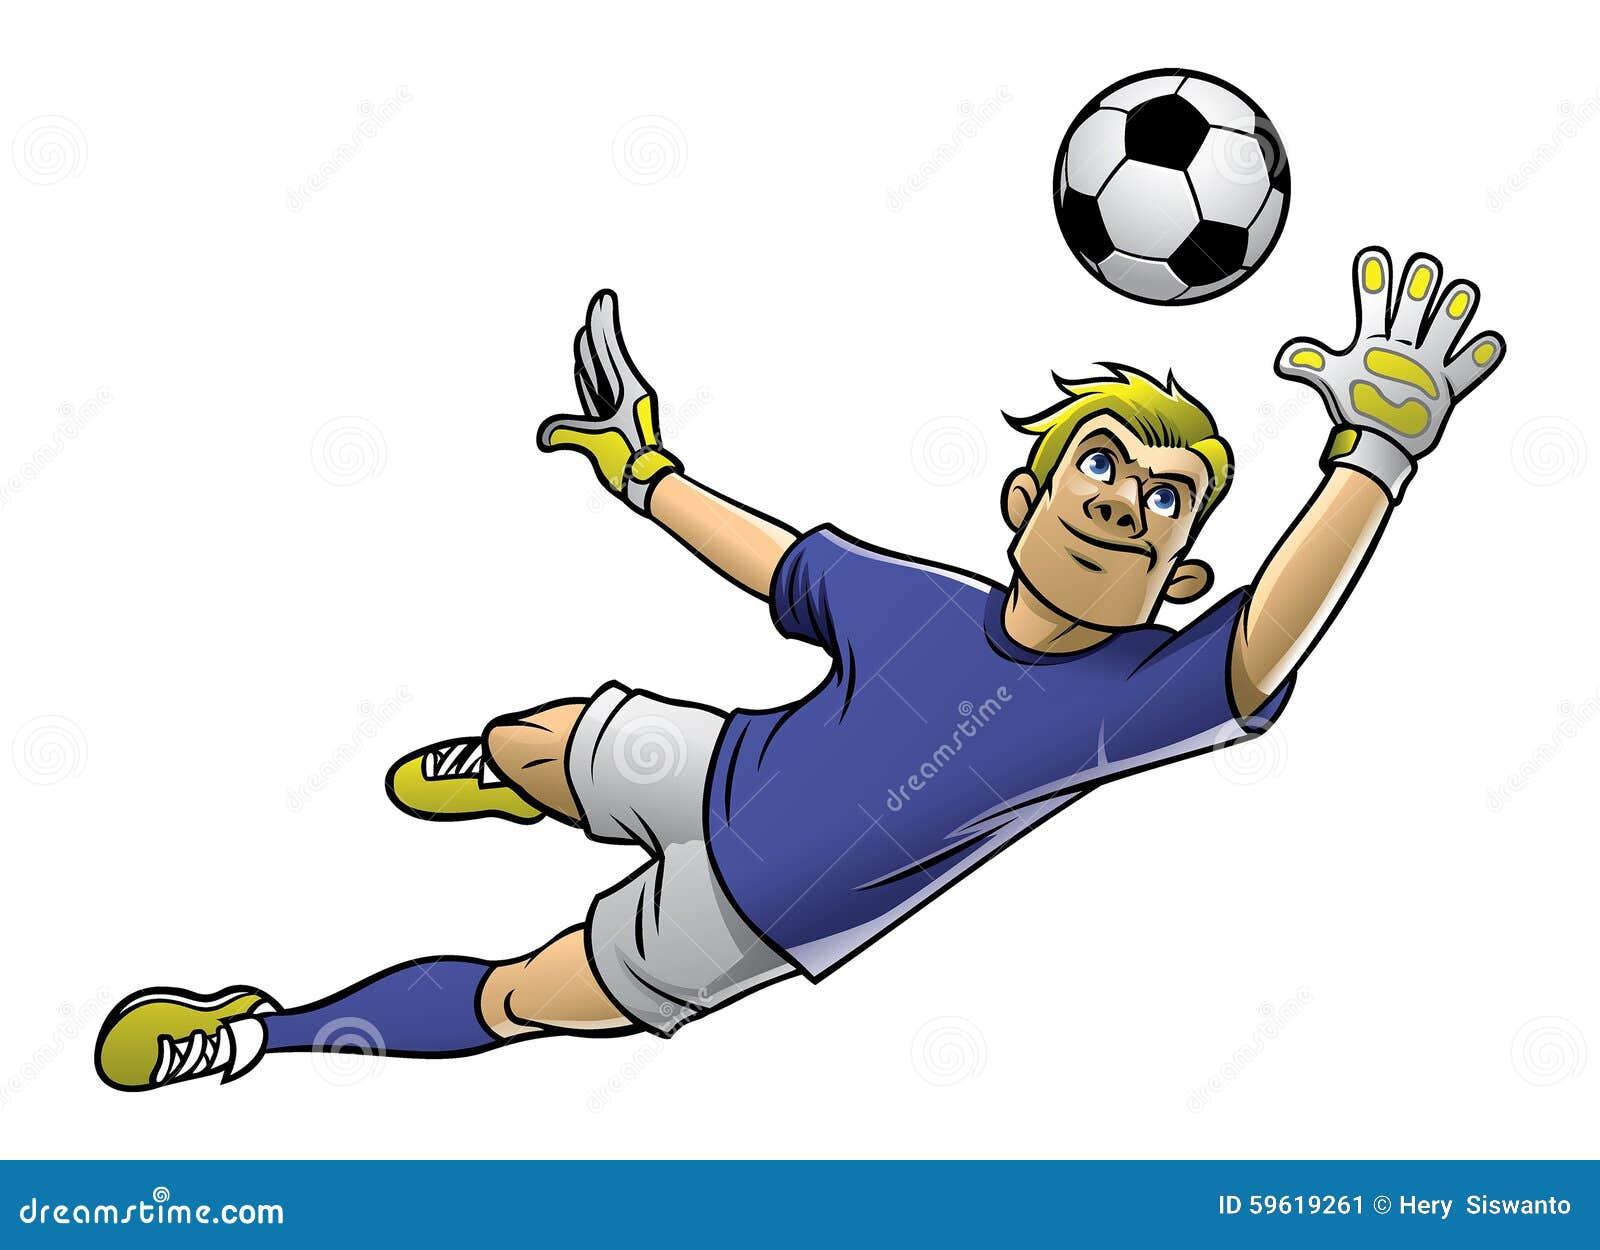 足球守门员传染媒介行动的.图片